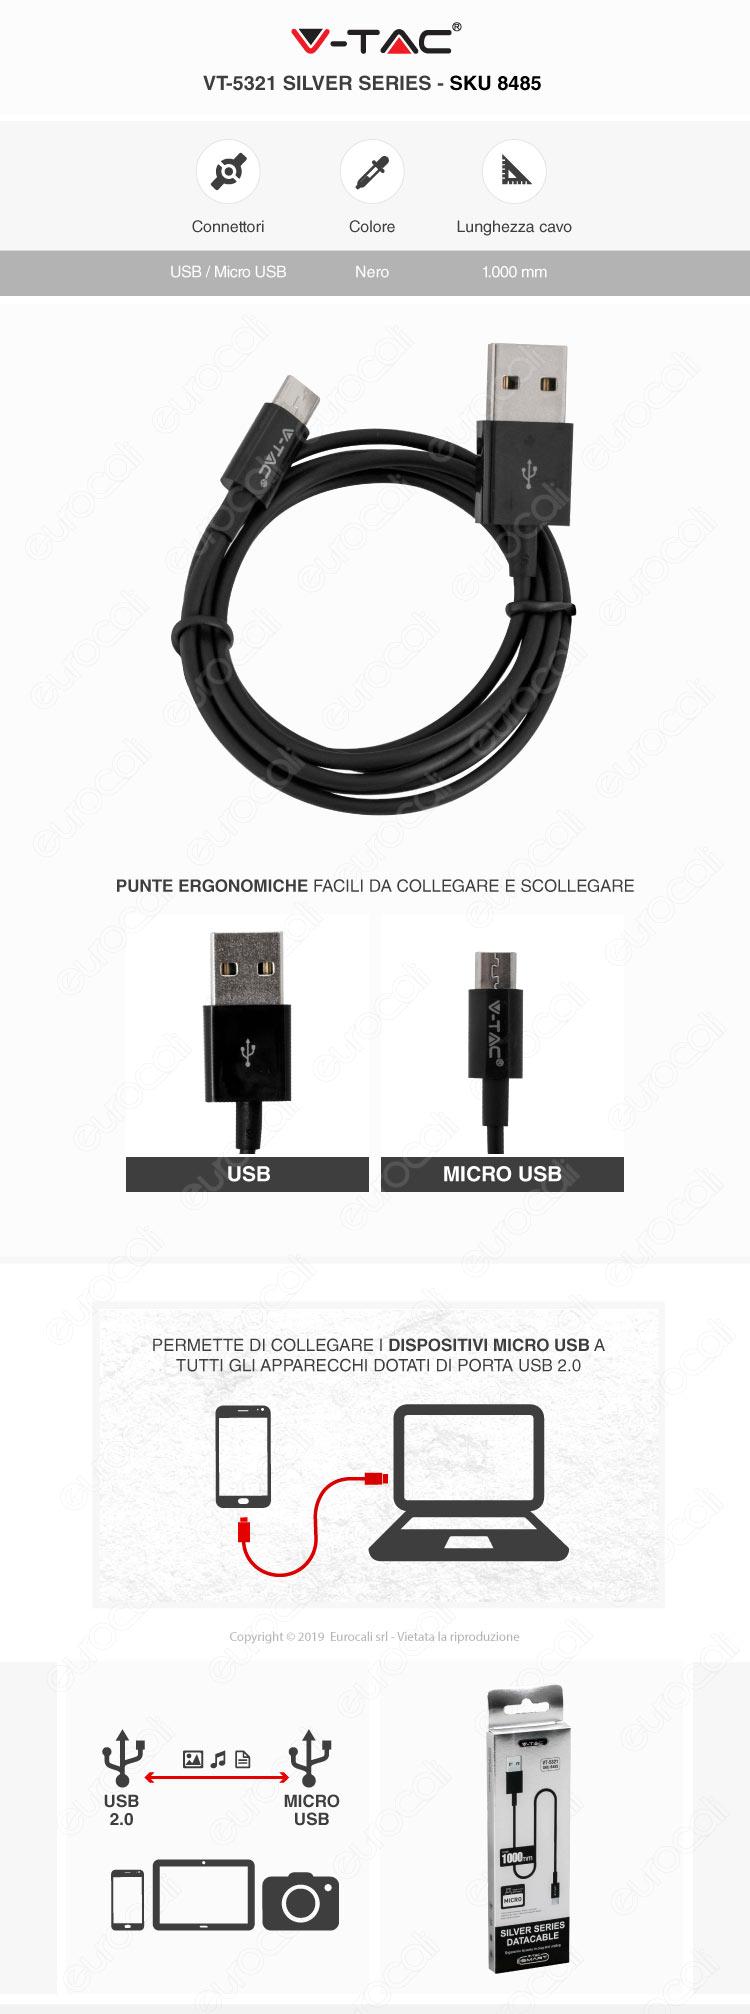 V-Tac VT-5321 Silver series USB Data Cable Micro USB Cavo Colore Nero 1m